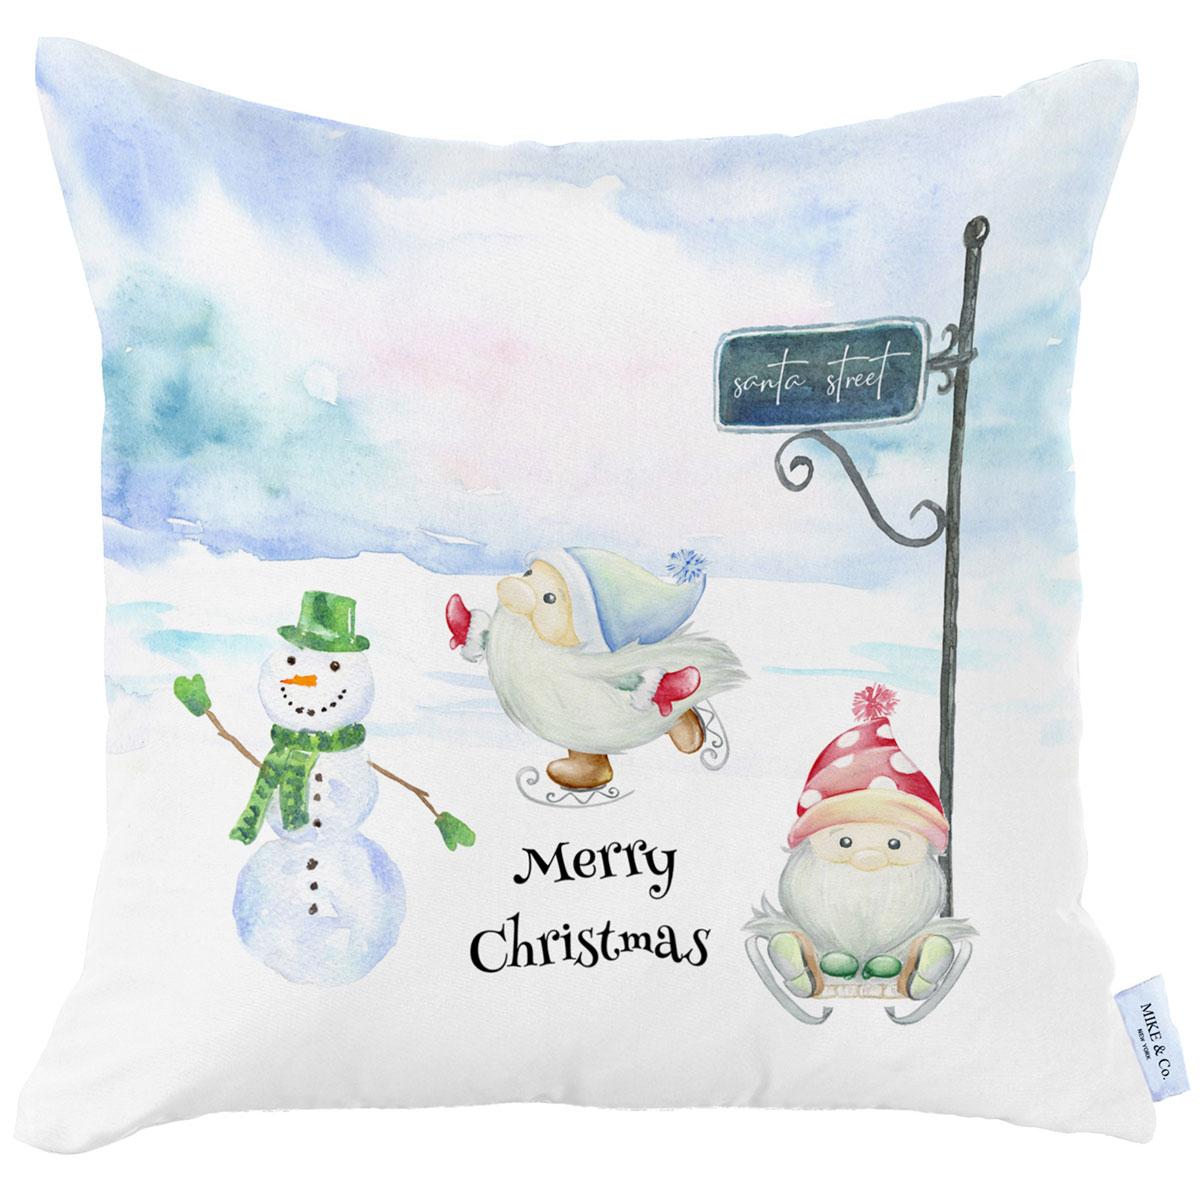 Χριστουγεννιάτικη Μαξιλαροθήκη (45×45) Mike & Co 712-3840-1